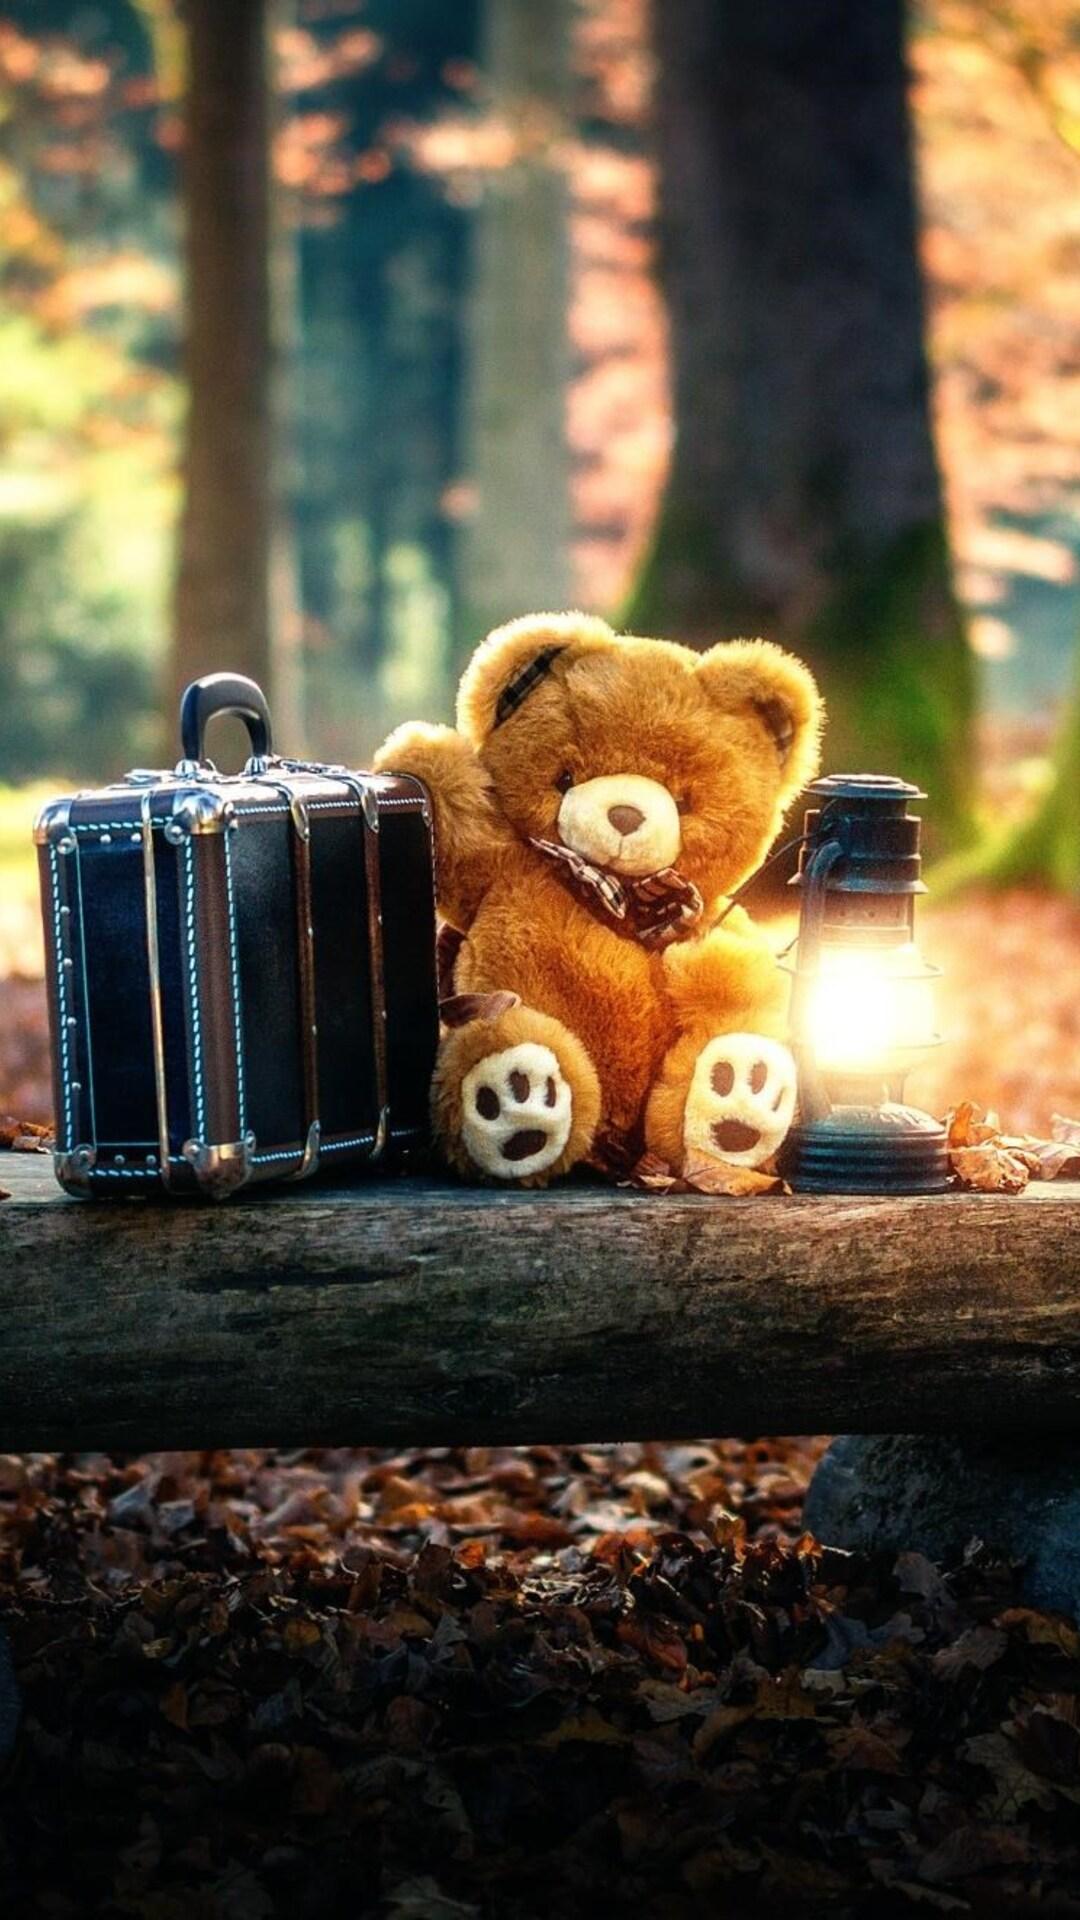 teddy-bears-cute-alone-in-forest.jpg